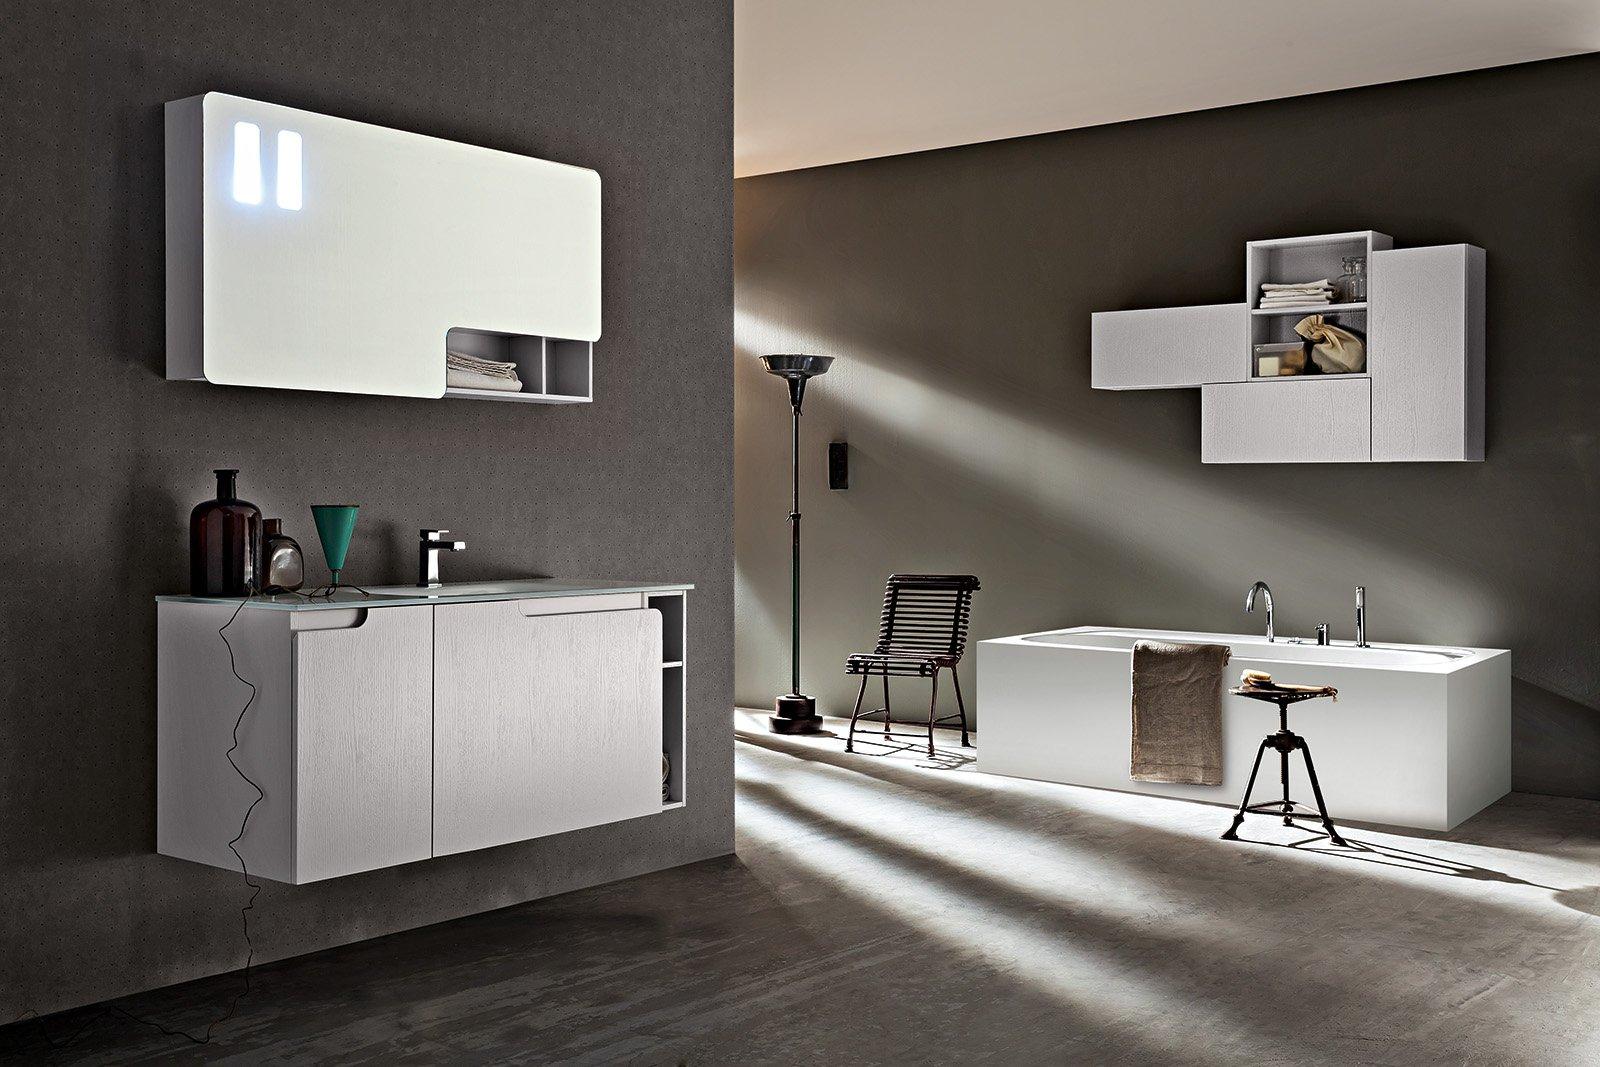 Specchi per il bagno cose di casa - Specchio per bagno moderno ...